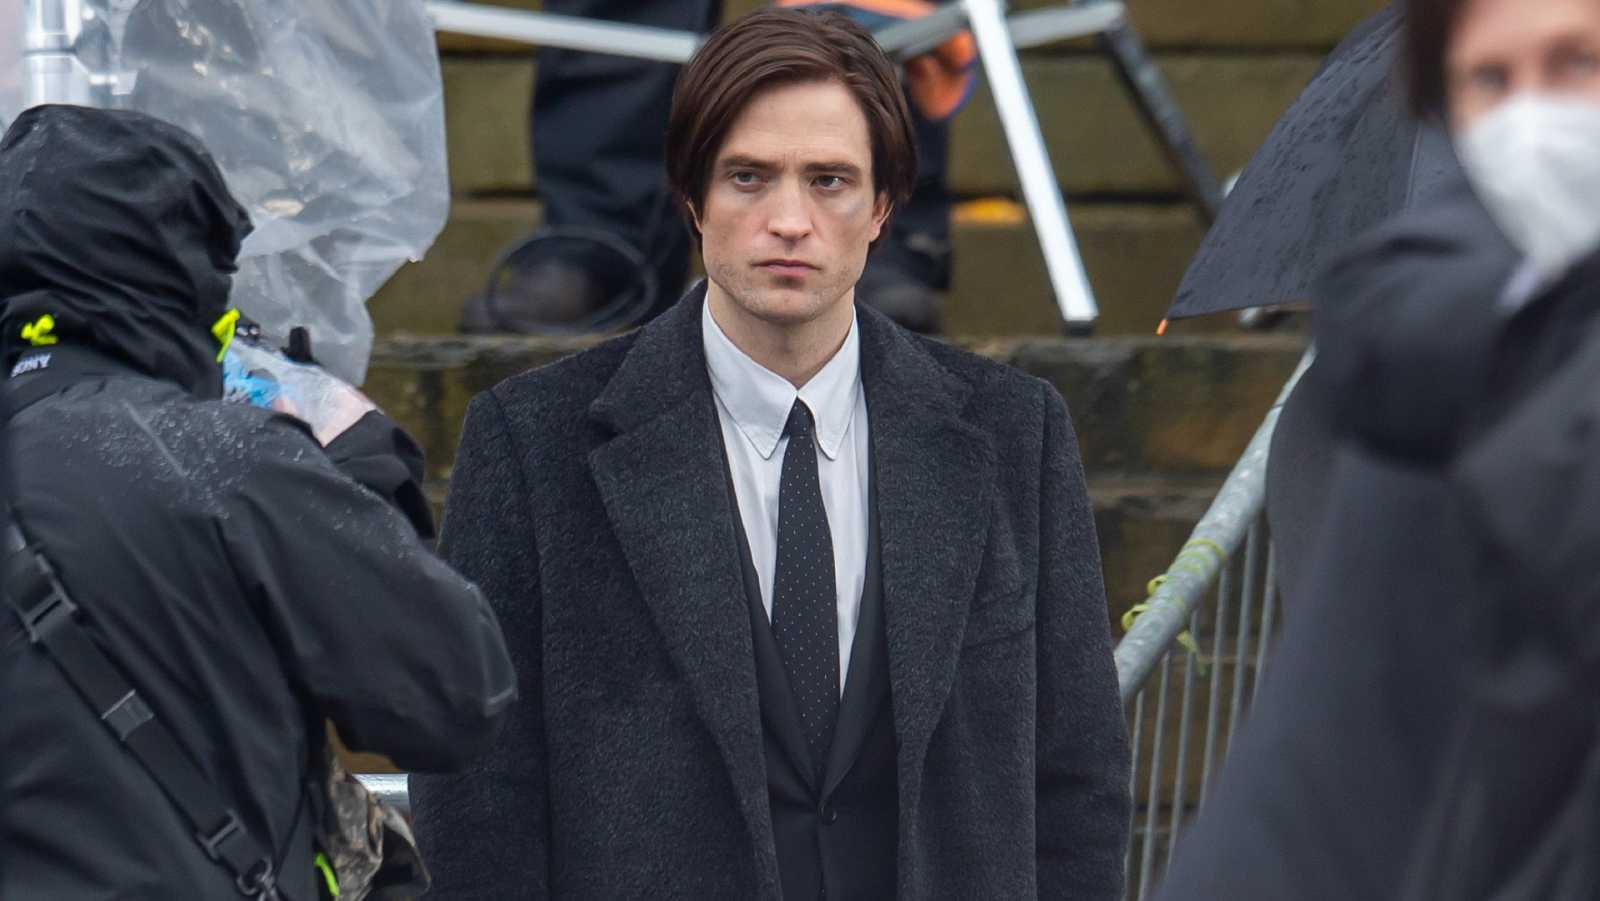 Robert Pattinson es el nuevo Bruce Wyne / Batman. Aquí lo vemos en el set de rodaje, tras haber superado la Covid-19